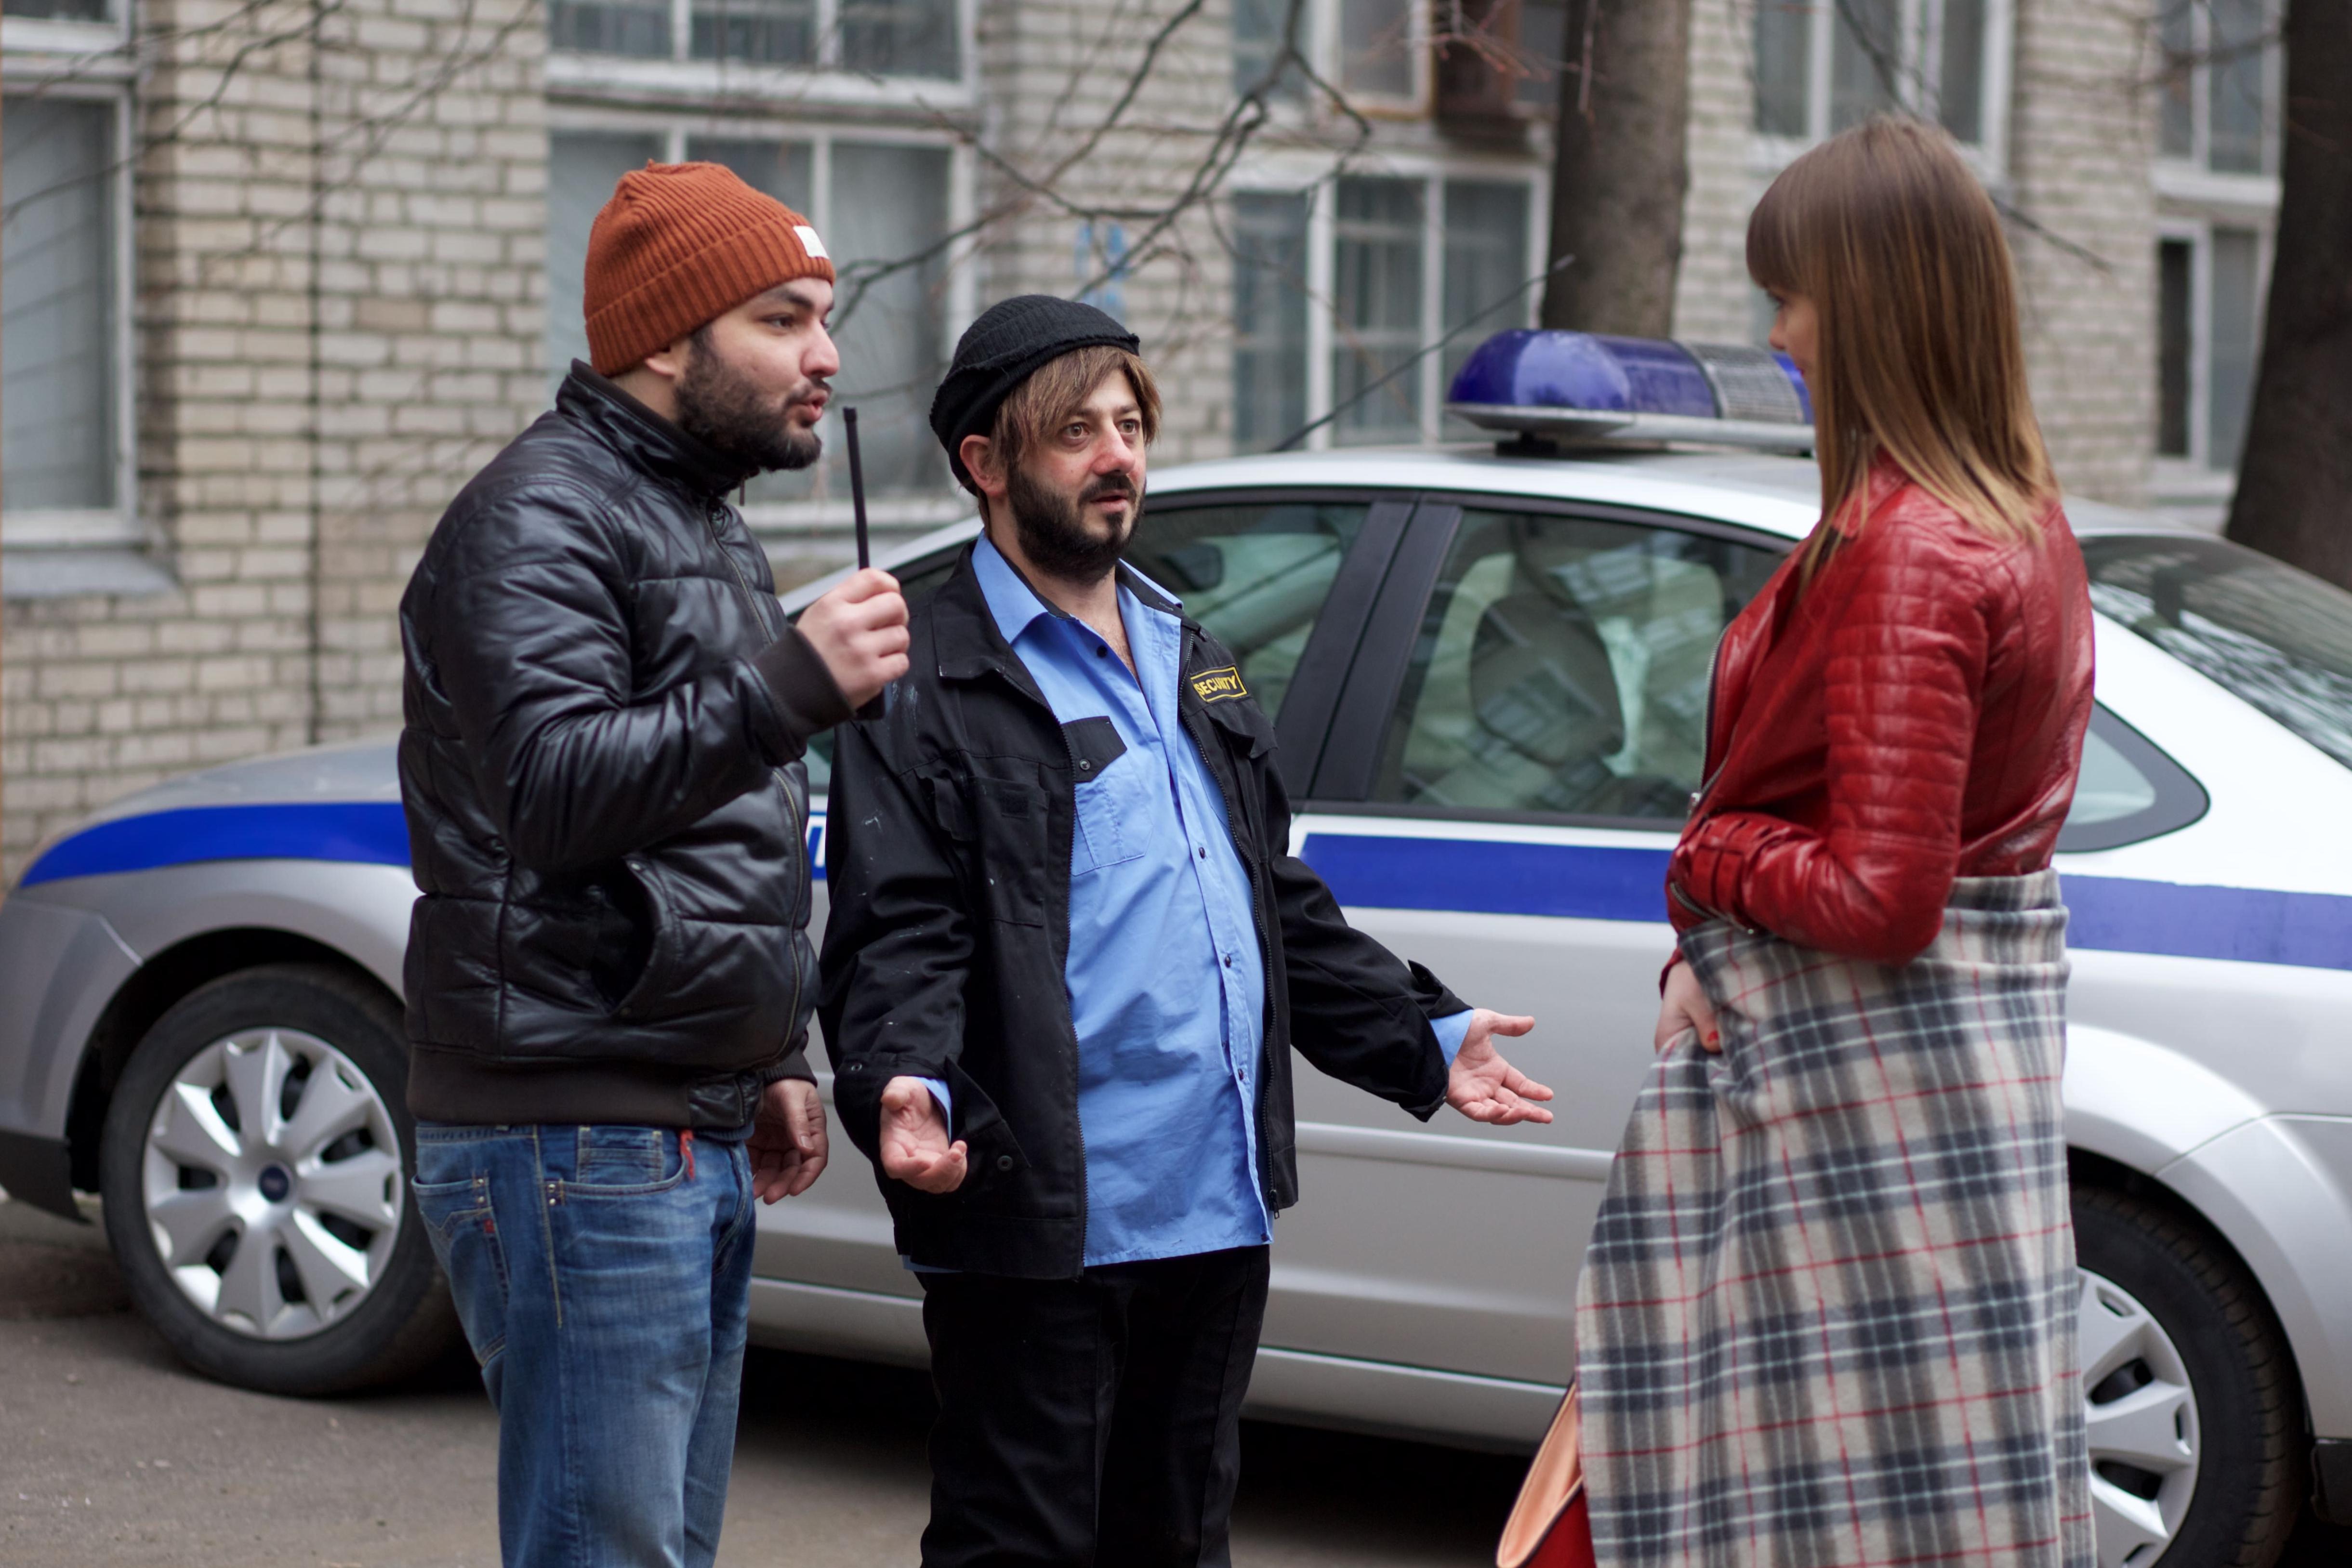 Сериал «Бородач» покажут на телеканале ТНТ4